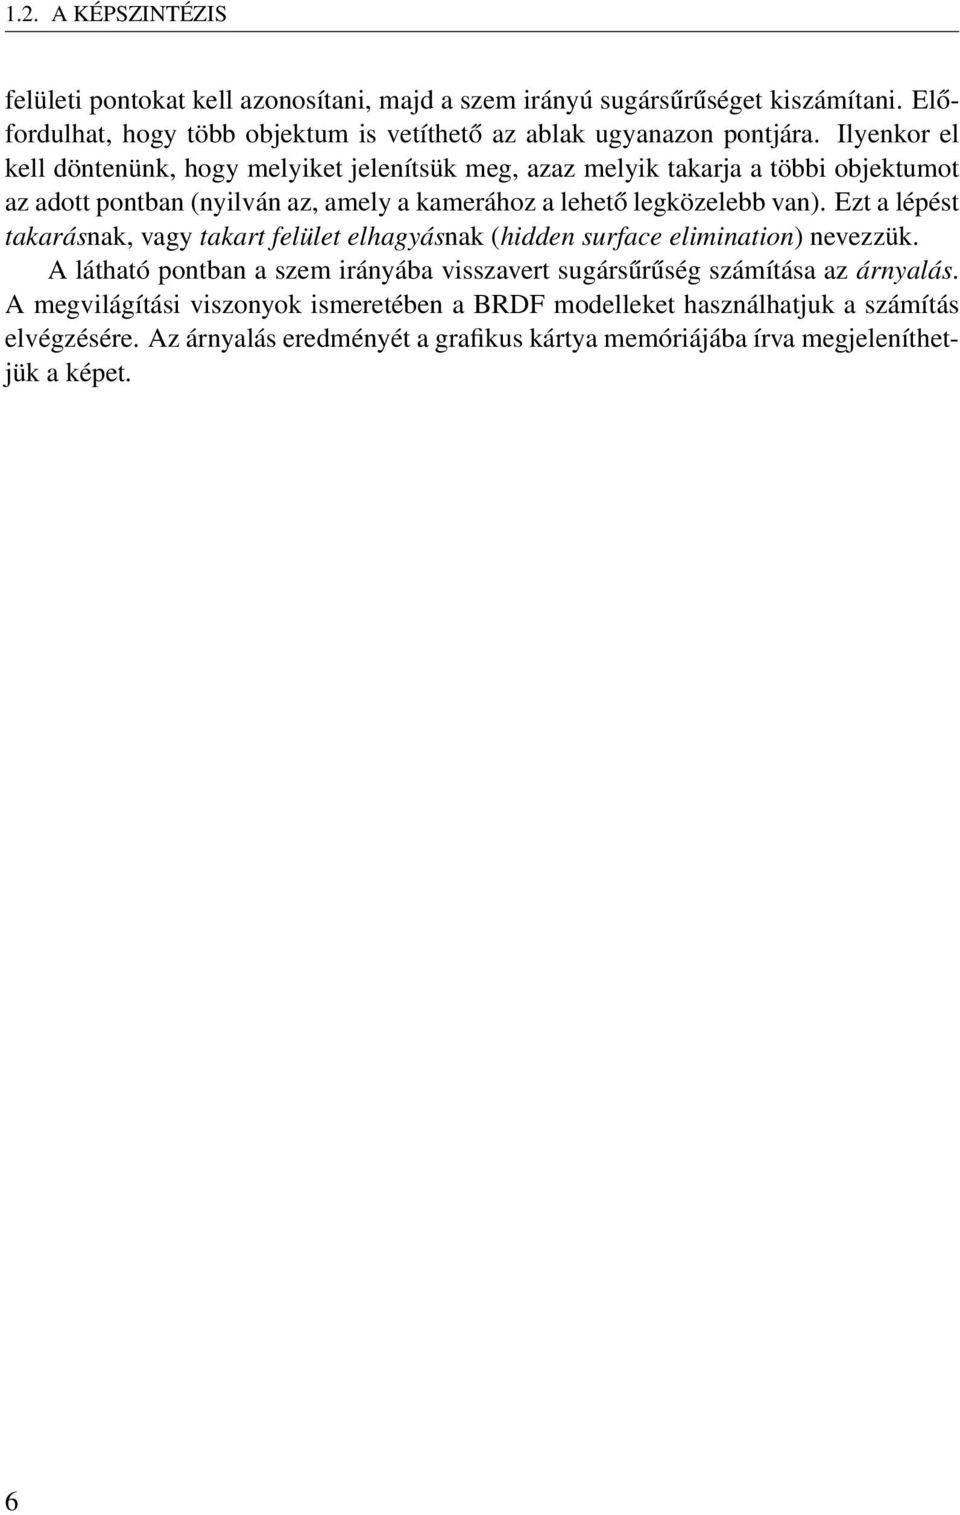 stratégiai befektetésként olymptrade bináris opciós kereskedési szoftver